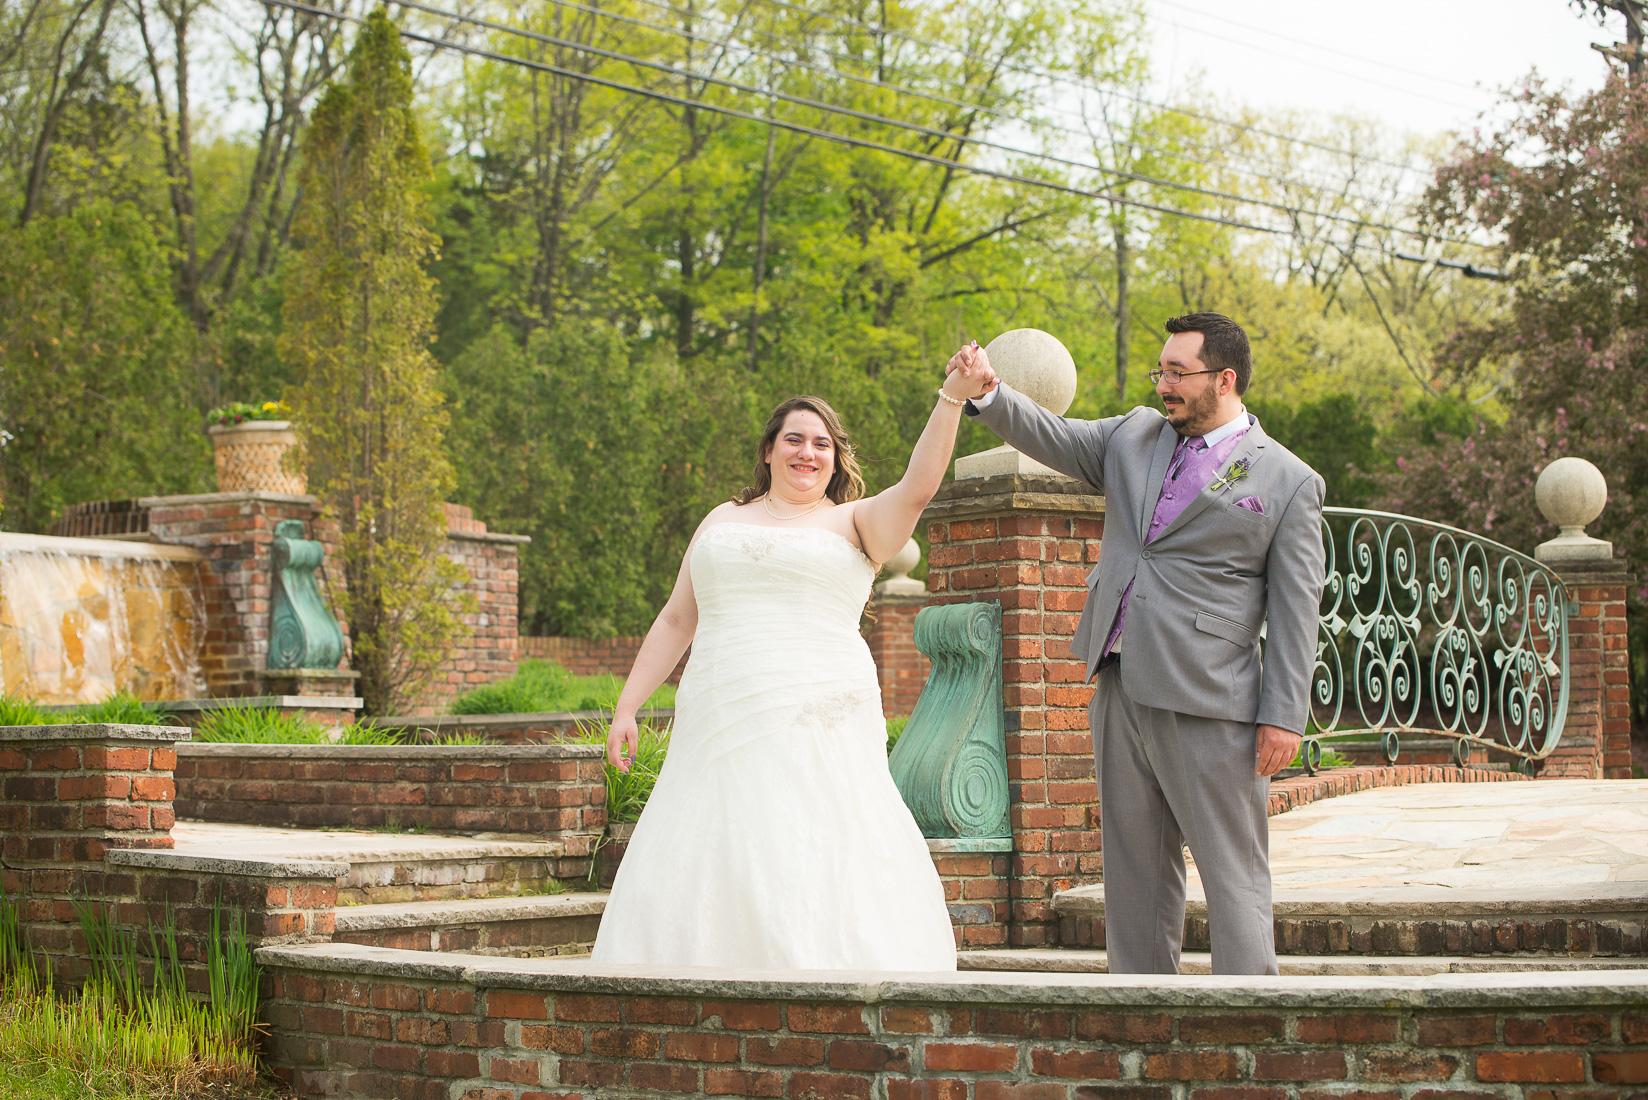 Manor-SouthOrange-NJ-wedding-0009.jpg